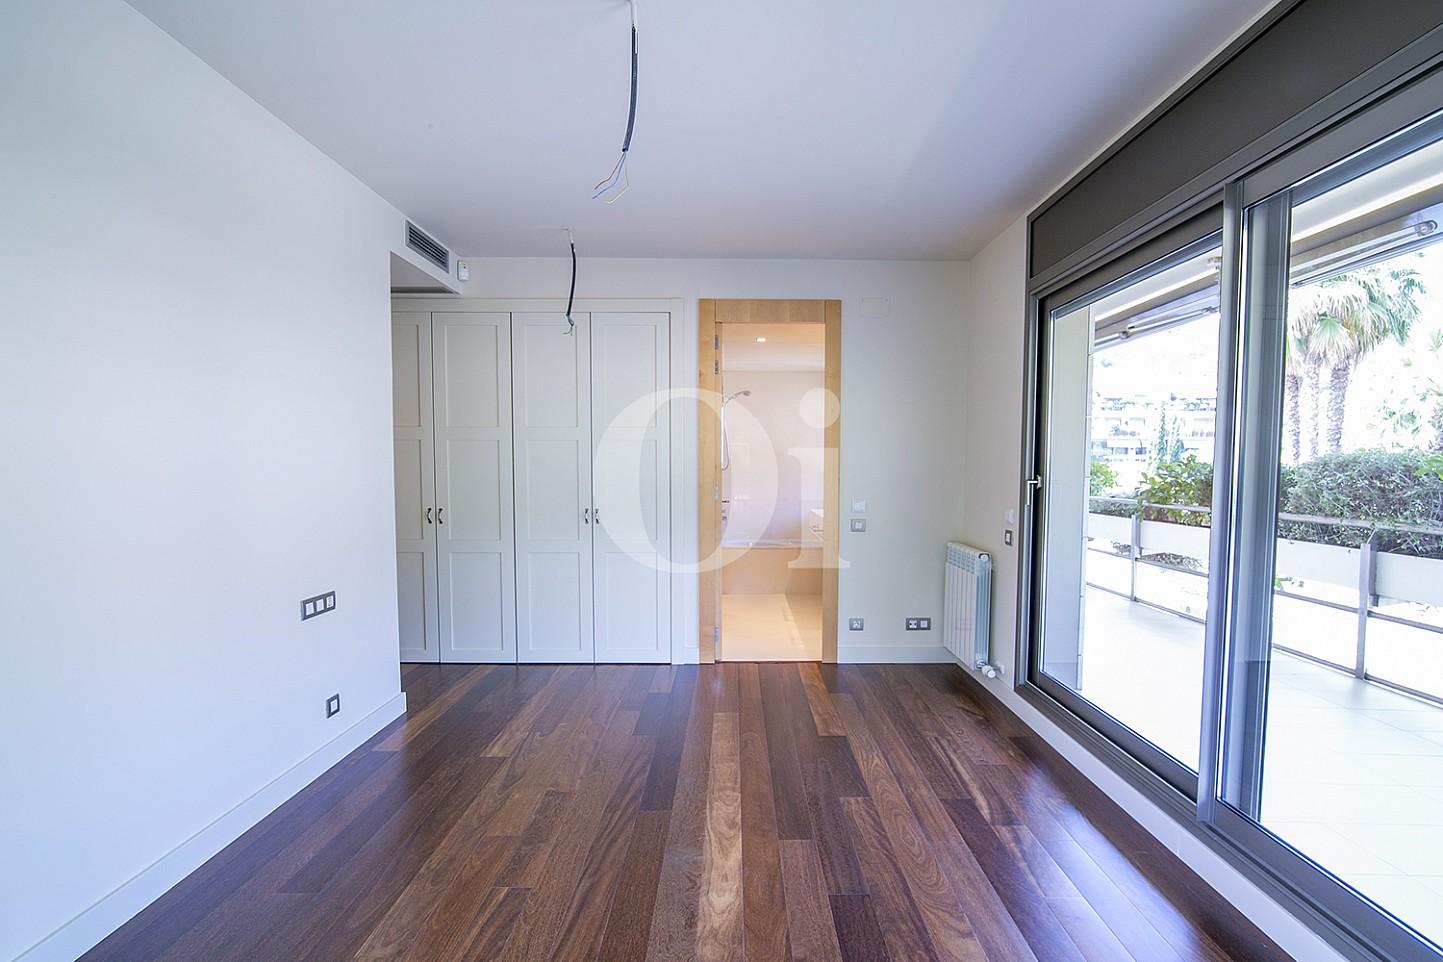 Dormitori amb armaris encastellats i accés a l'exterior